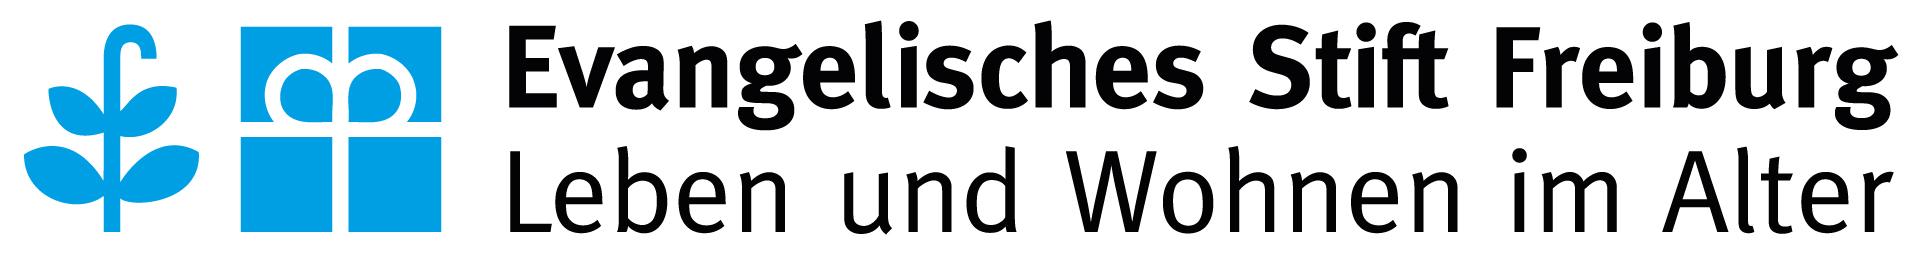 Logo: Evangelisches Stift Freiburg